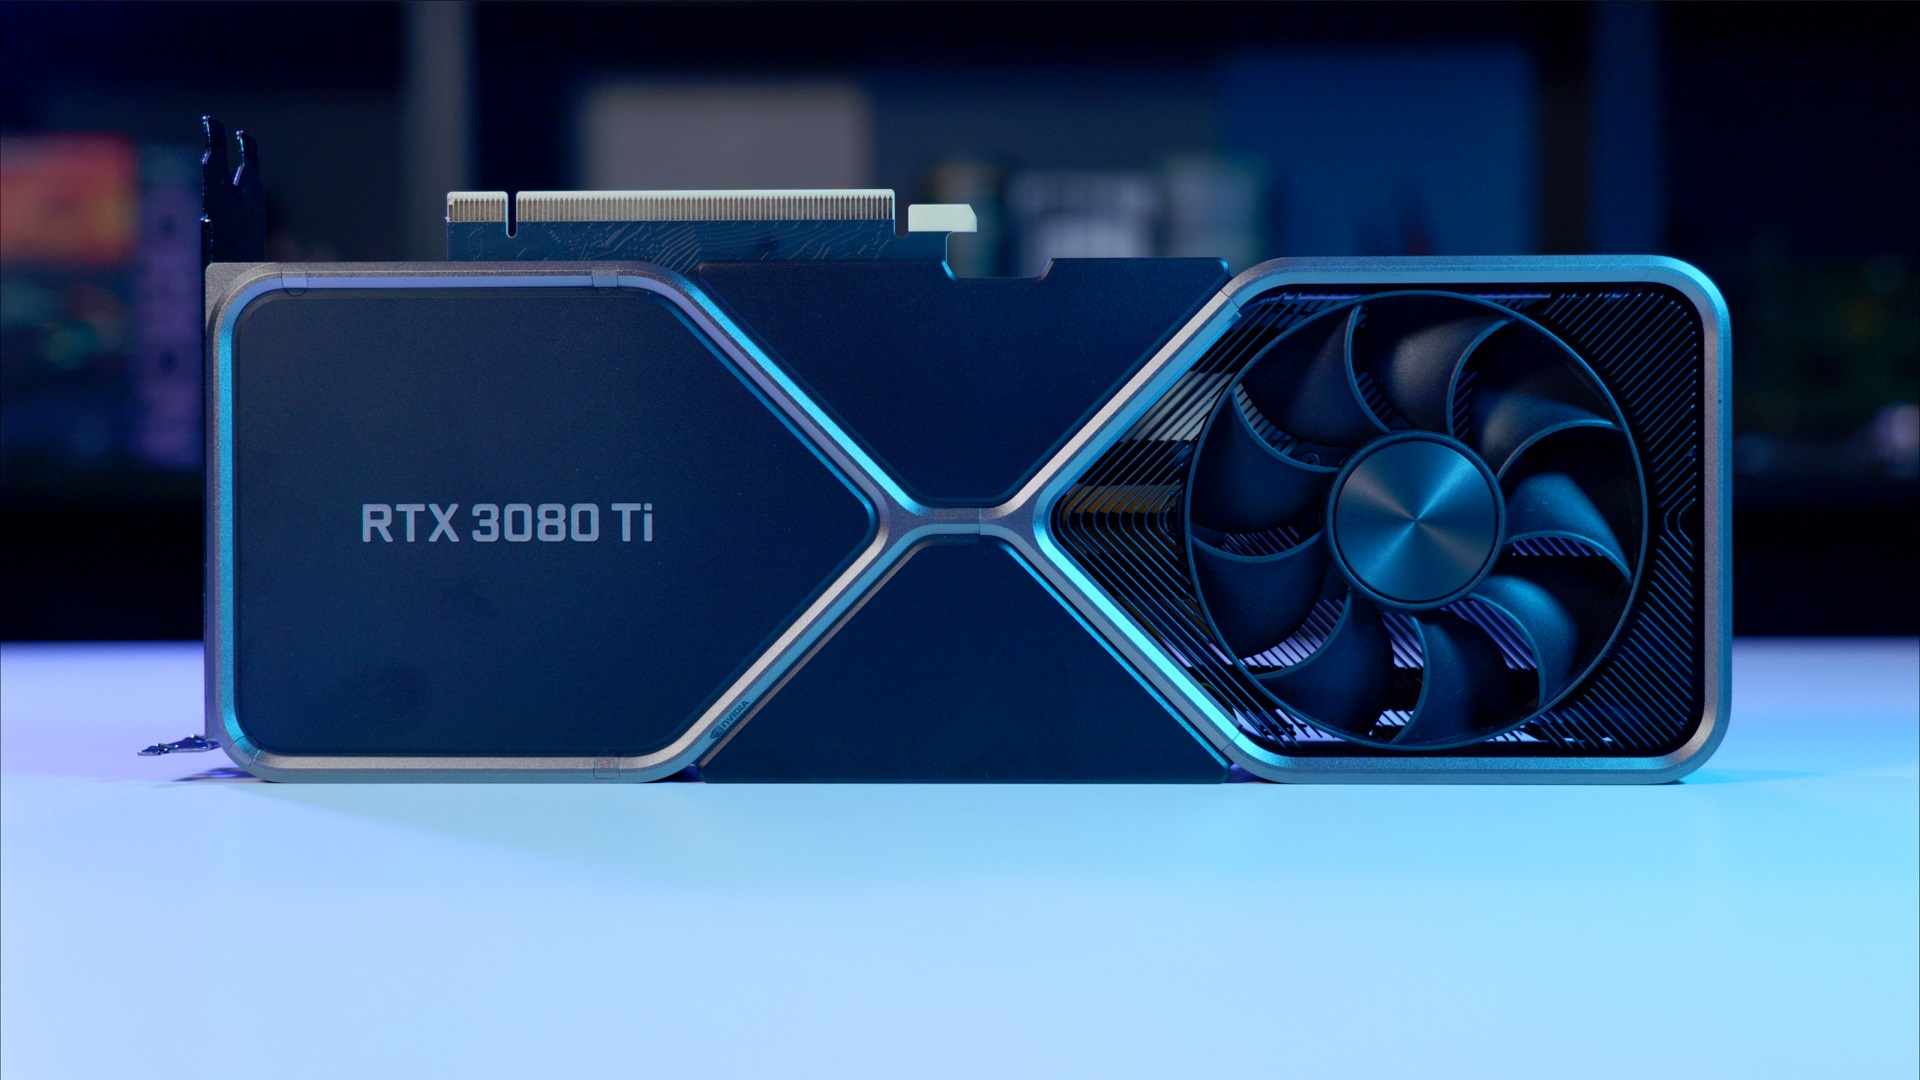 RTX 3080 Ti Ekran Kartı